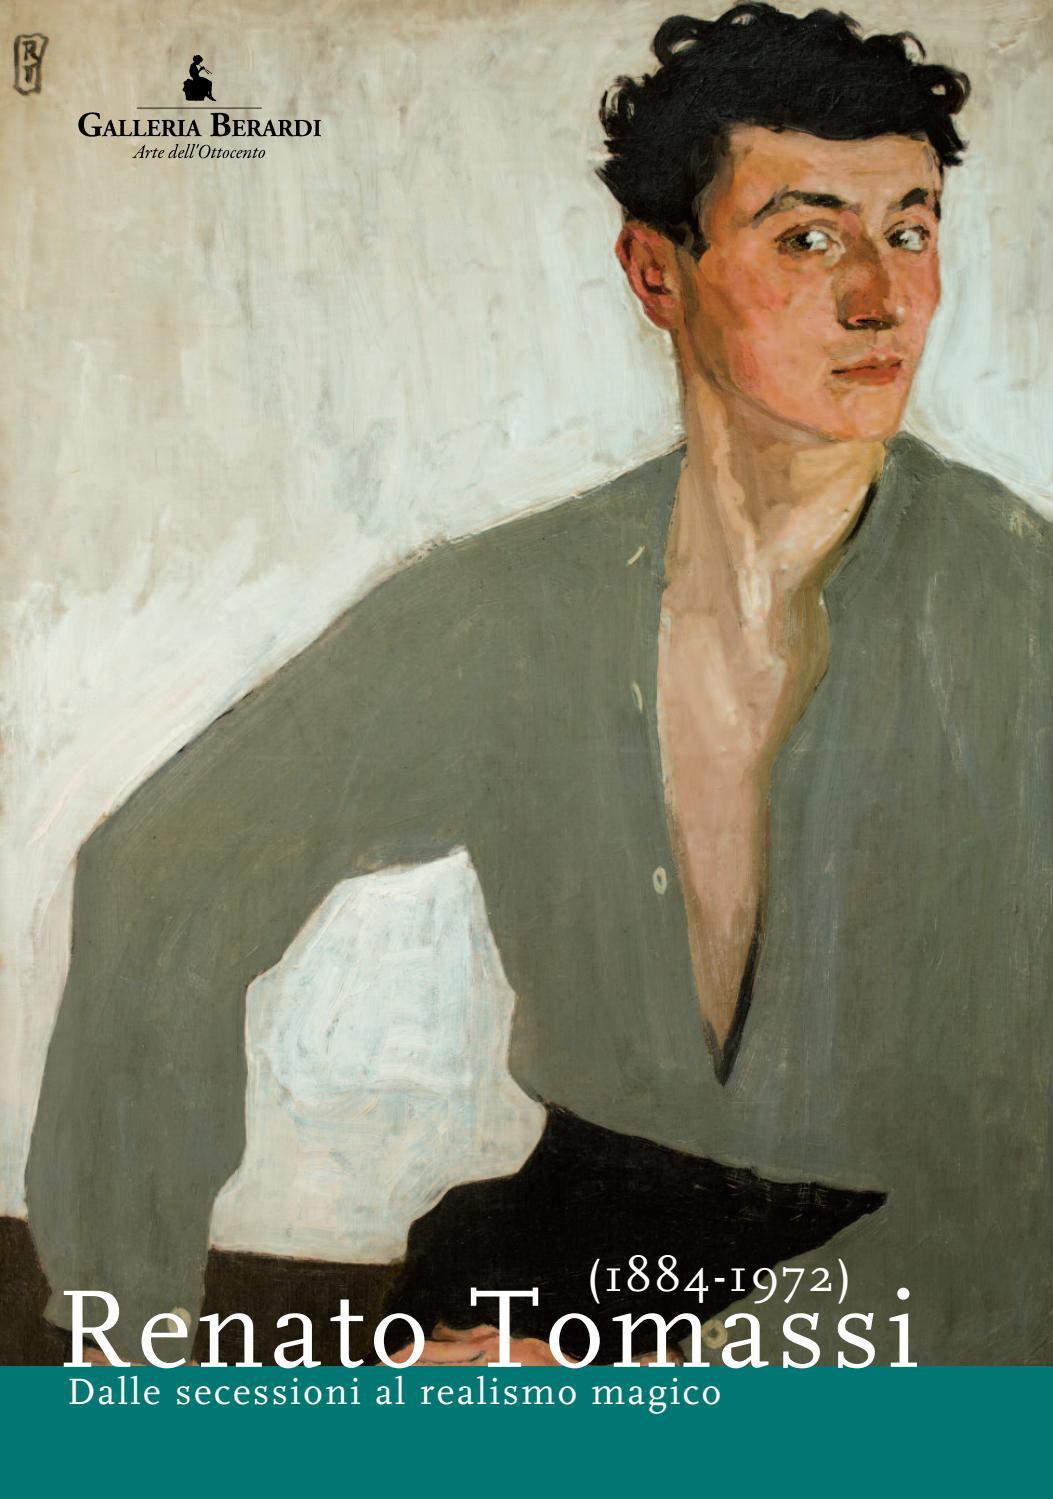 Renato Tomassi (1884-1972). Dalle secessioni al realismo magico by Galleria  Berardi - issuu 563d8f520b28